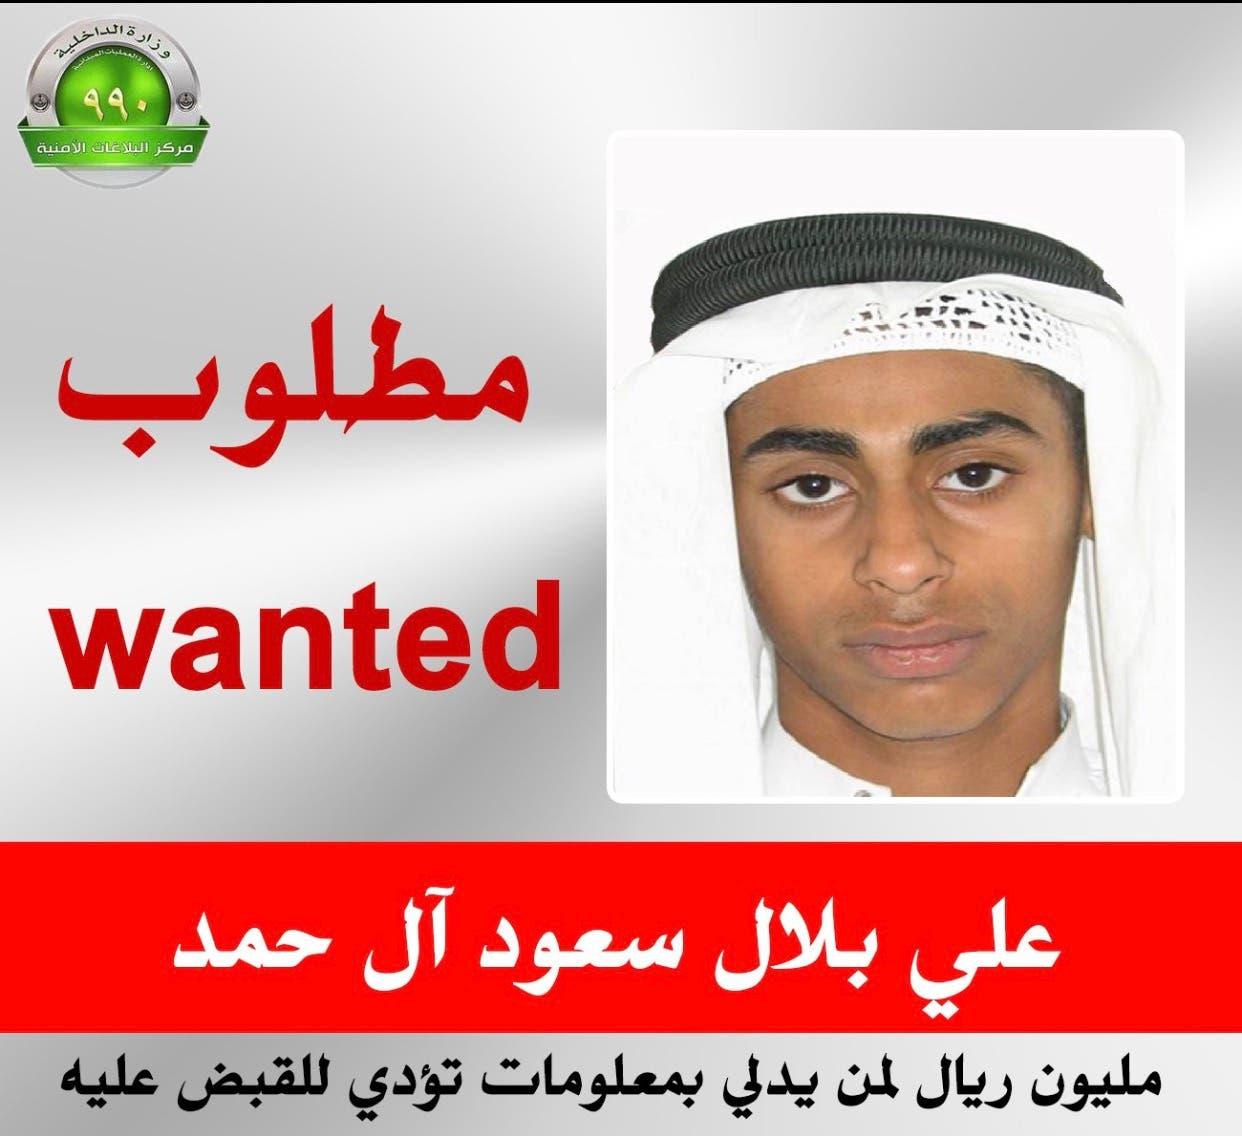 مظنون در ربودن قاضی قطیف (تحت تعقیب)